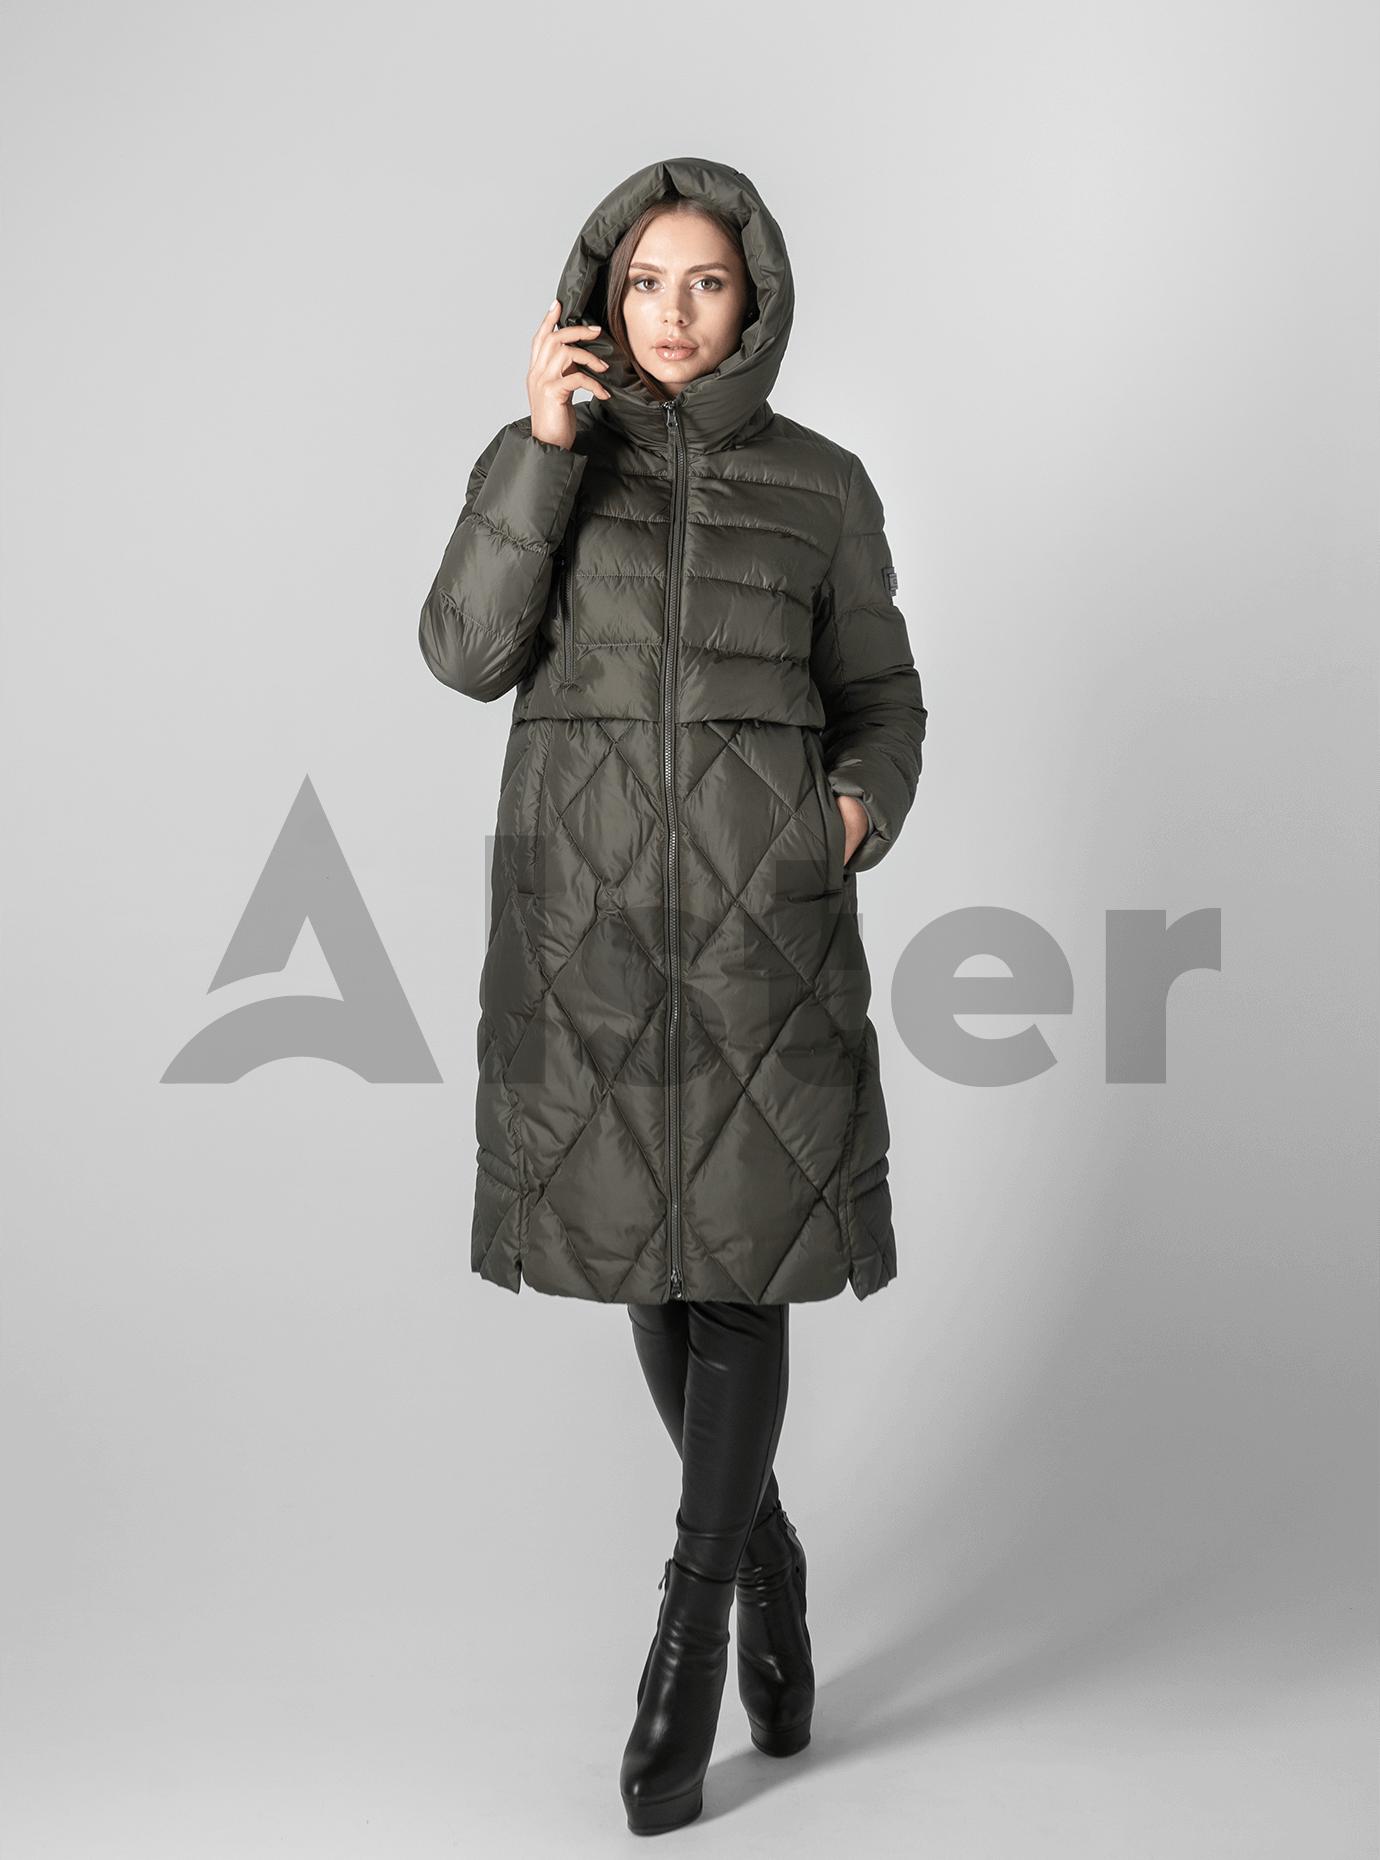 Куртка зимняя стёганая с капюшоном Хаки 2XL (02-190108): фото - Alster.ua